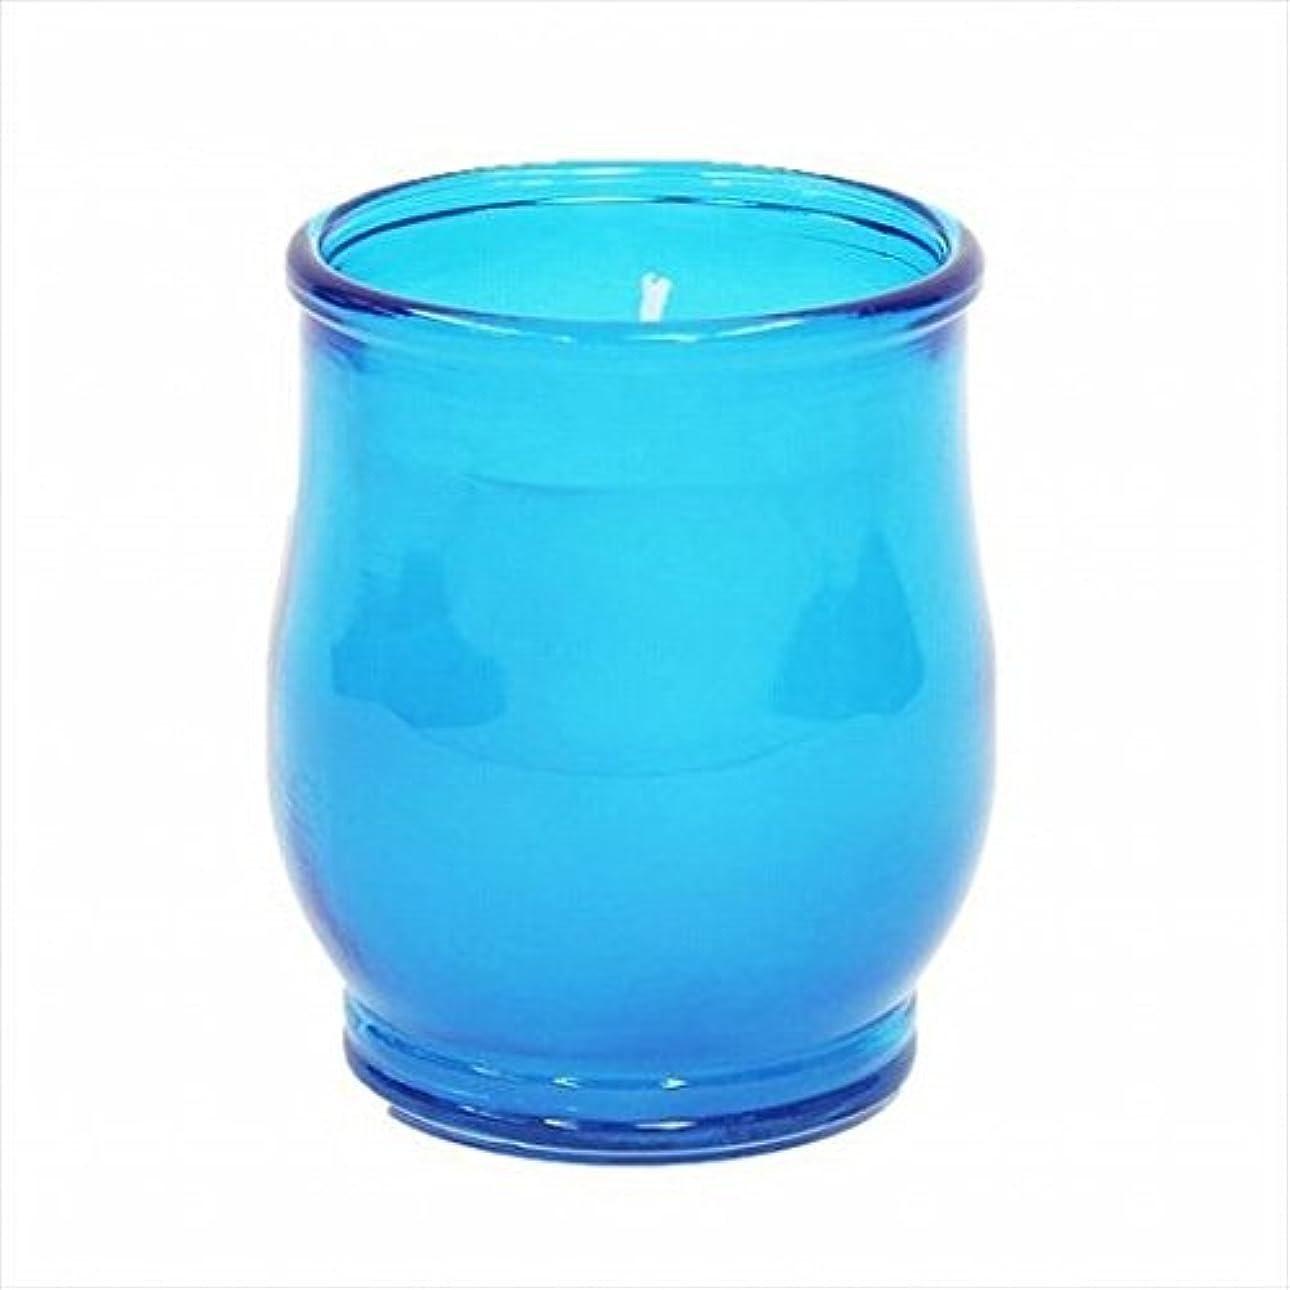 木製誇張するスタンドkameyama candle(カメヤマキャンドル) ポシェ(非常用コップローソク) 「 ブルー 」 キャンドル 68x68x80mm (73020000BL)